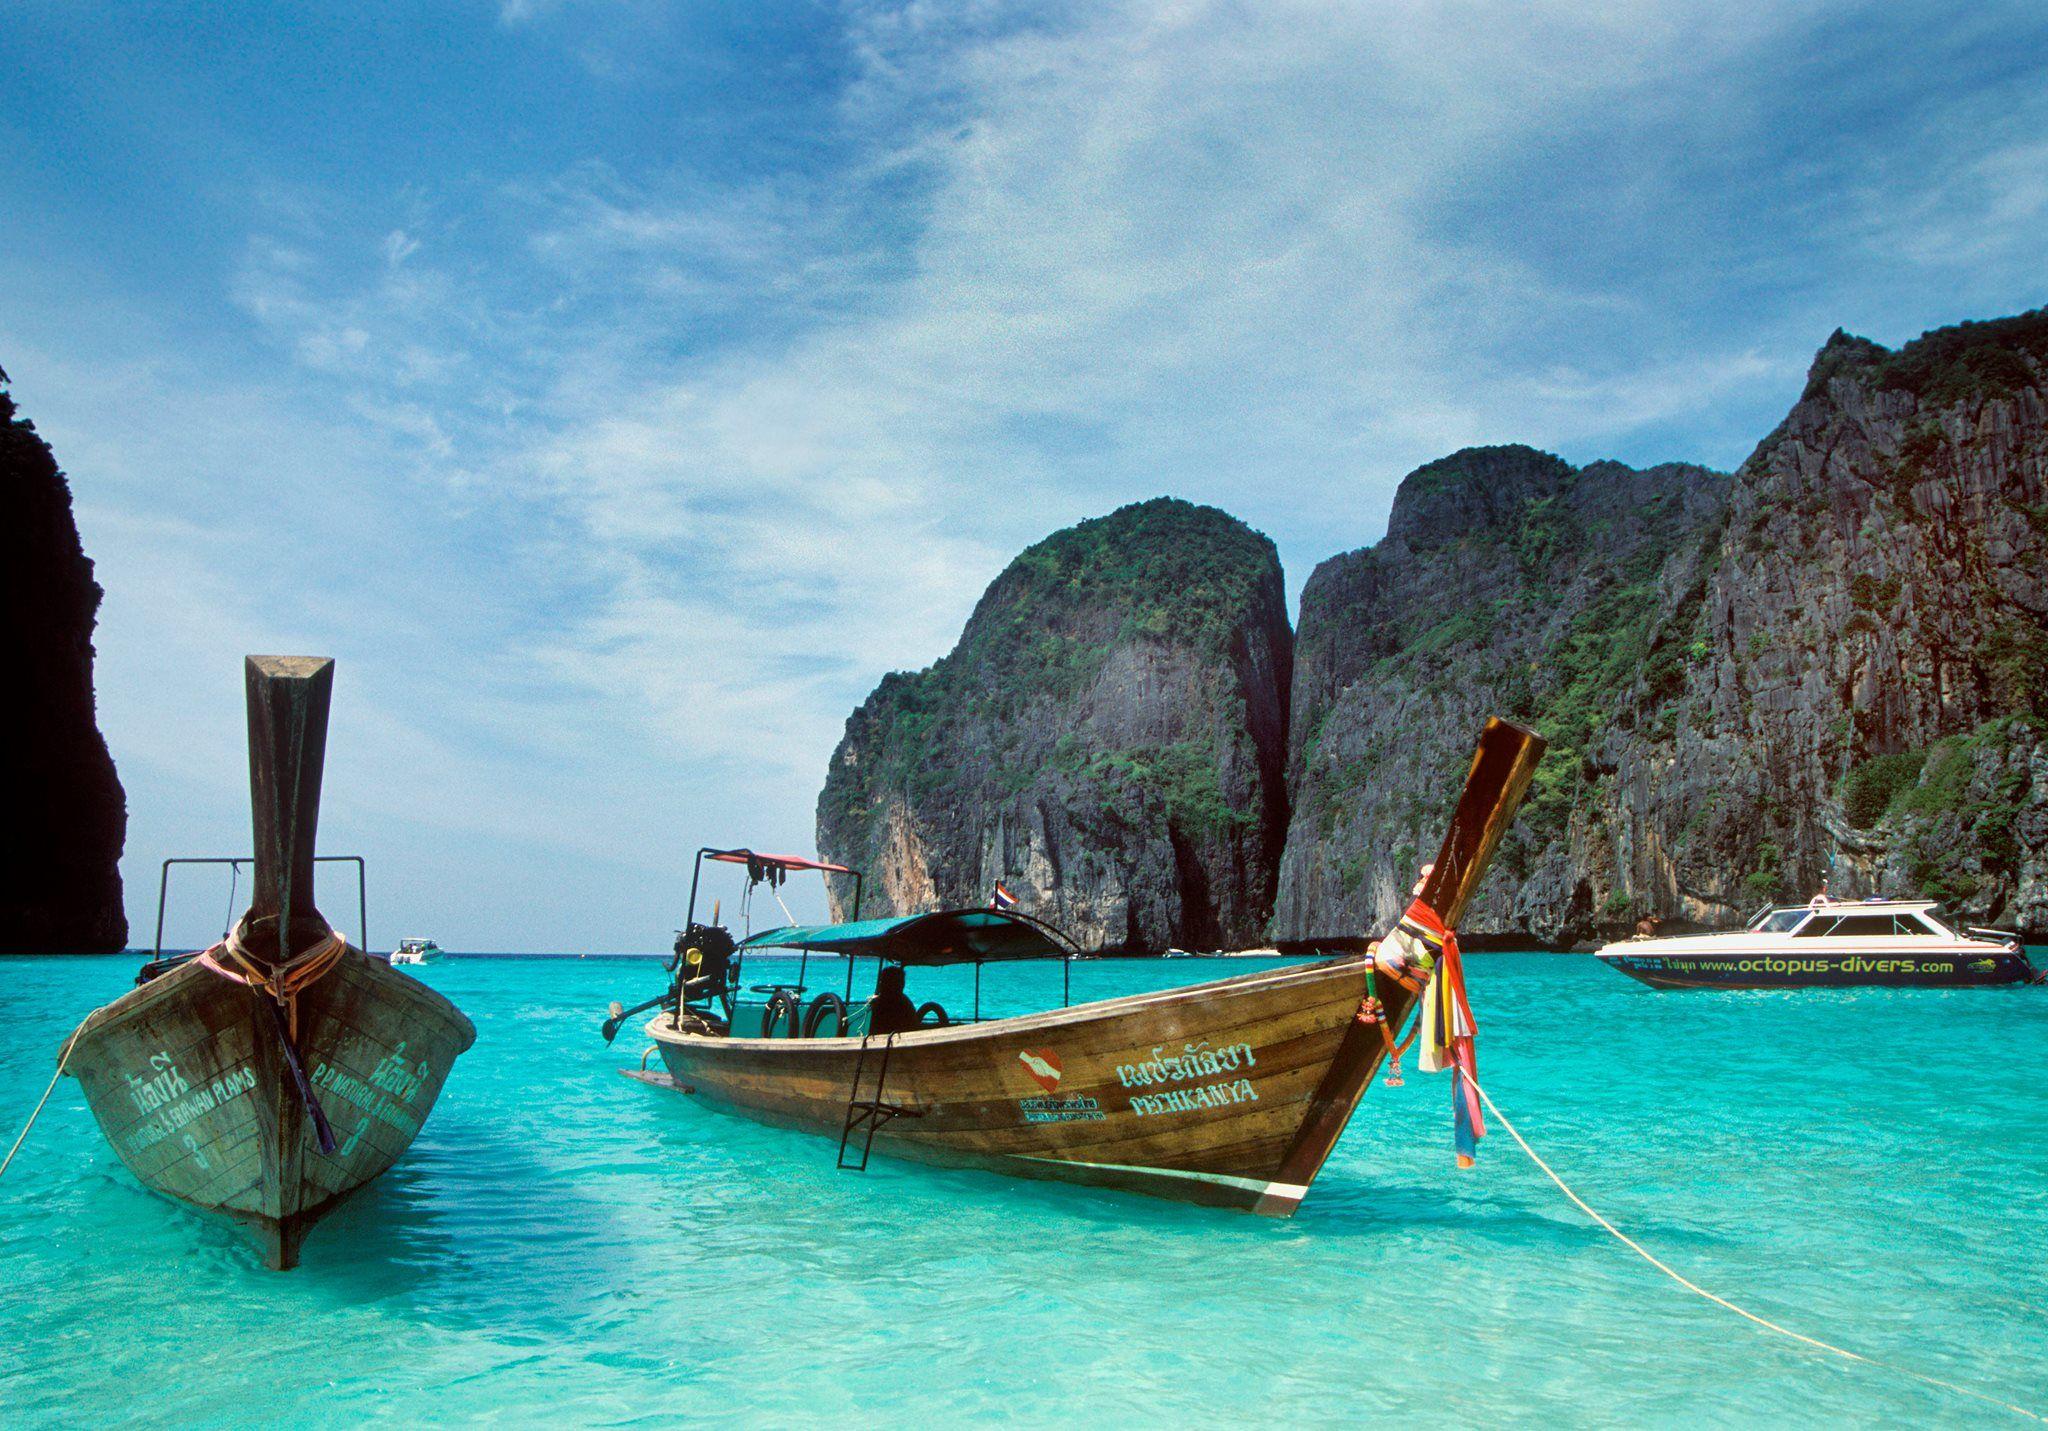 Ko Lanta Phi phi Island Krabi Province,Thailand 10 Ko lanta